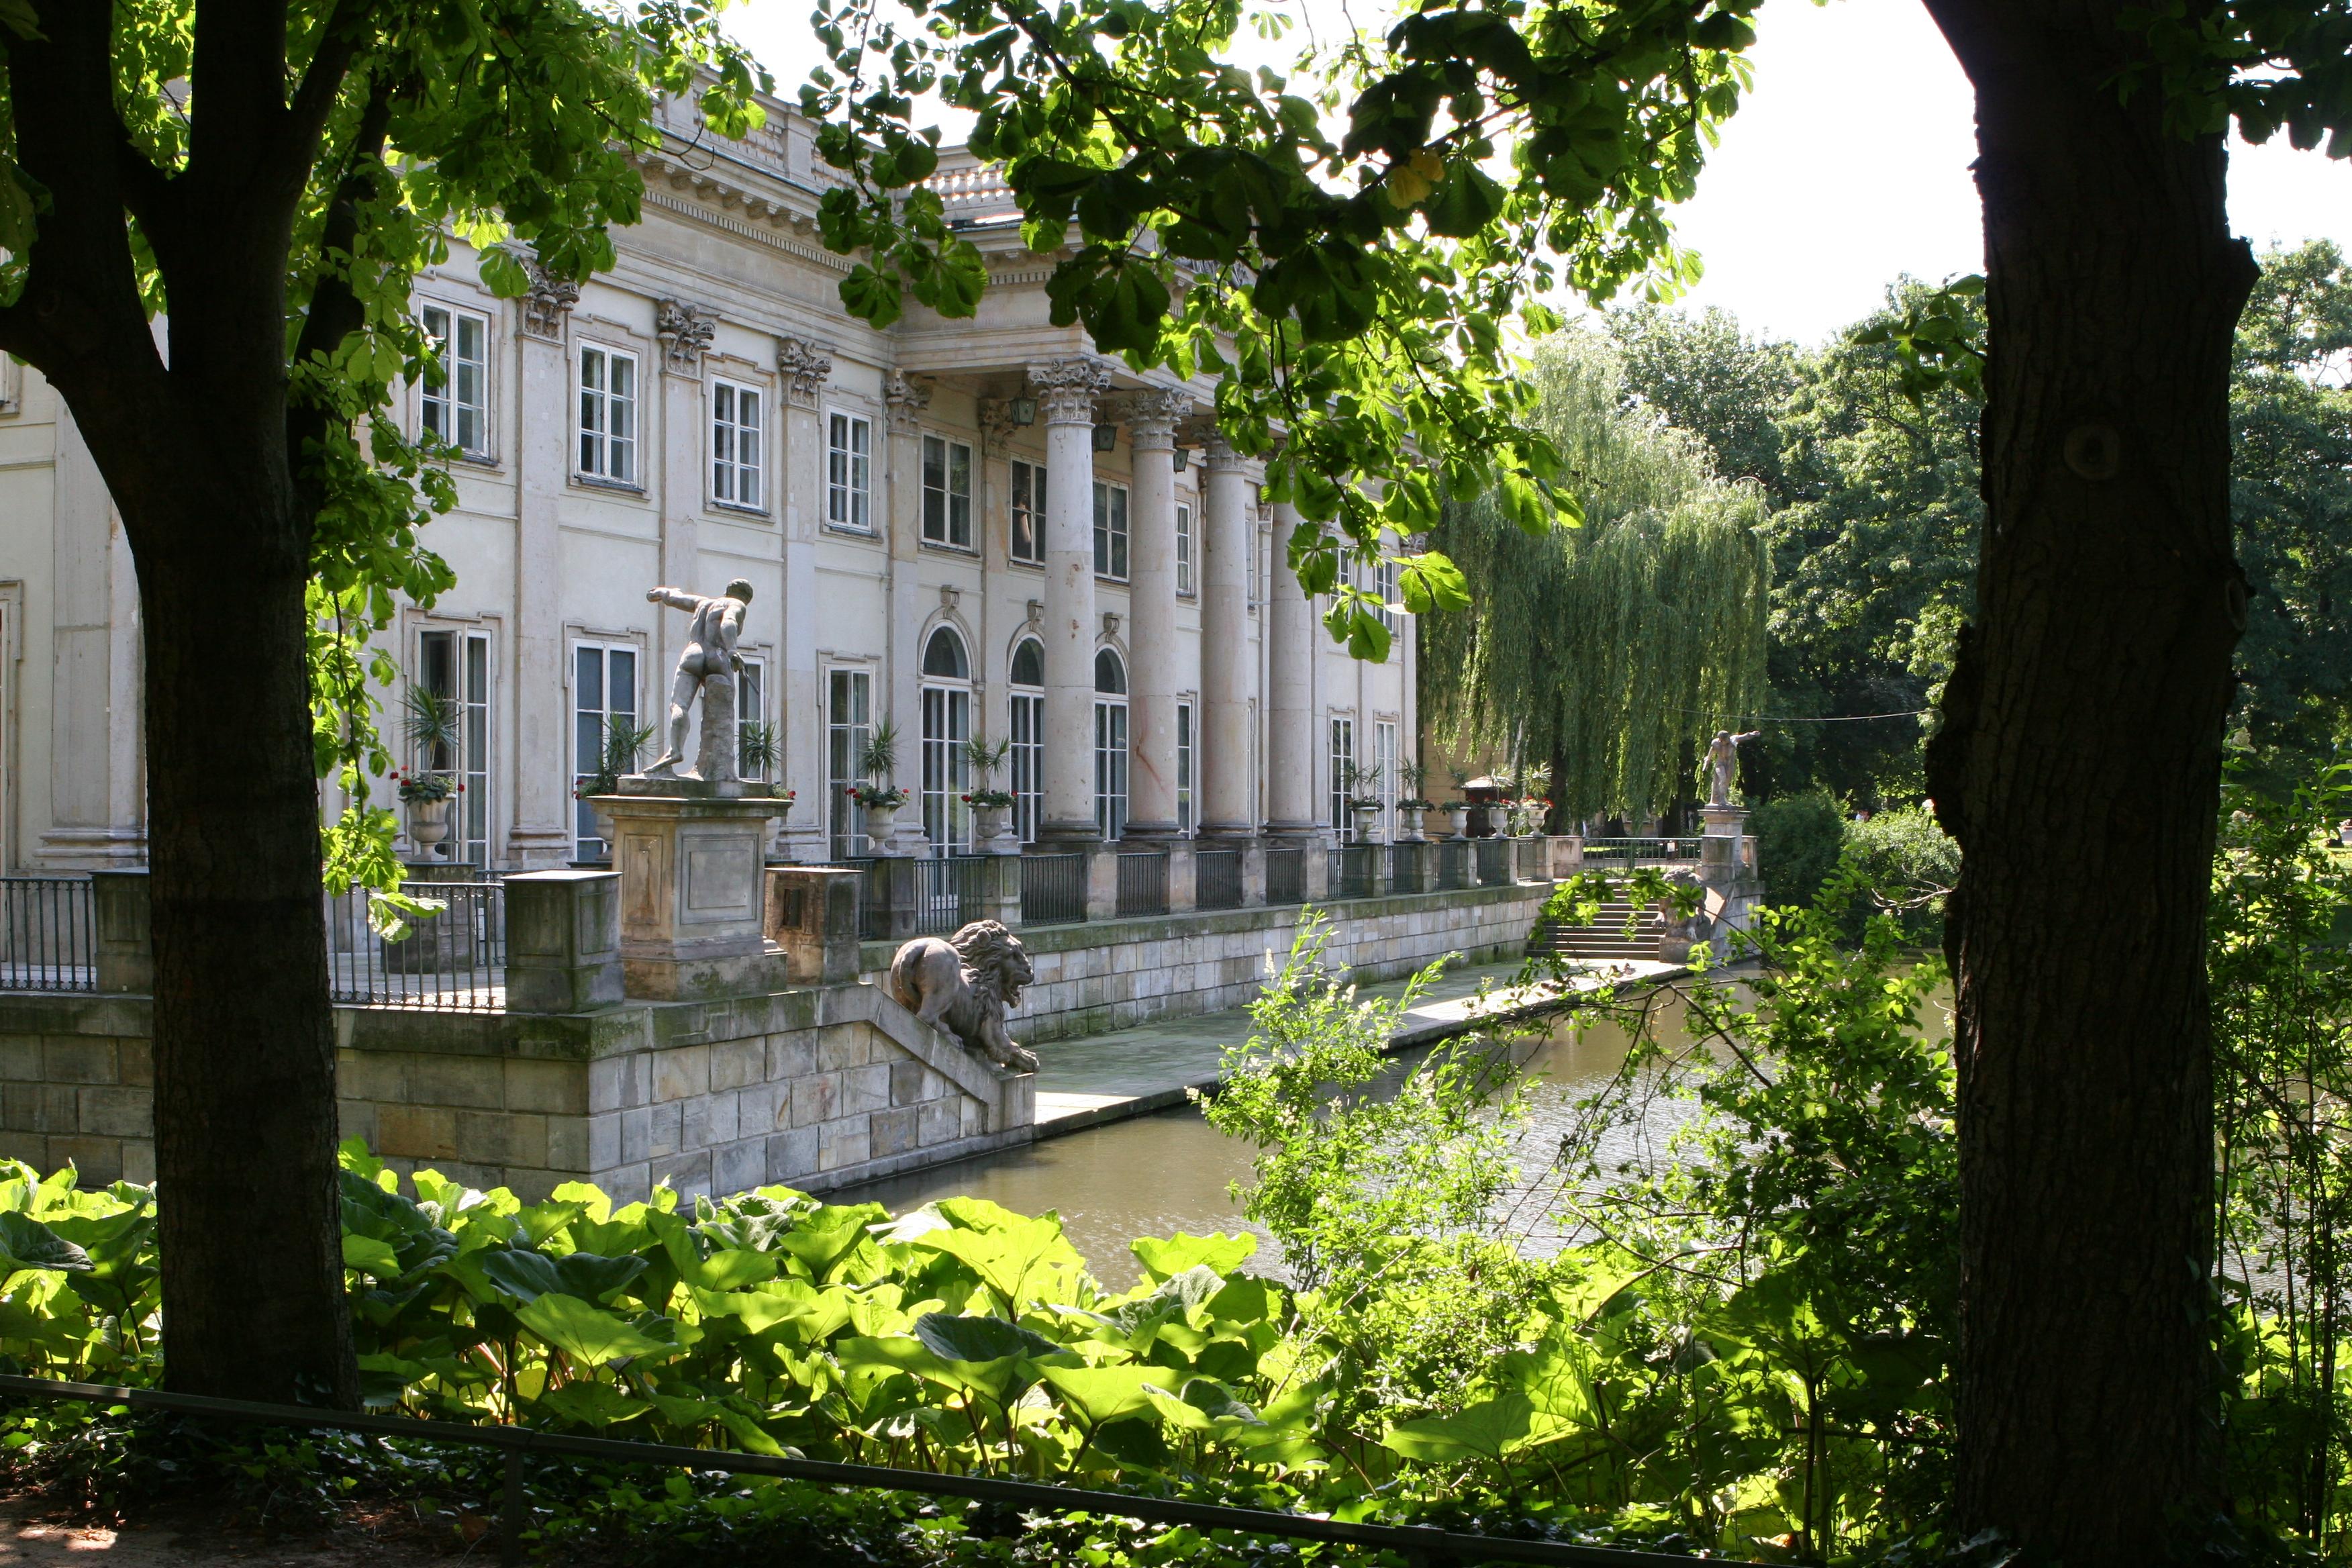 Najpopularniejsze Stołeczne Zabytki łazienki I Pałac